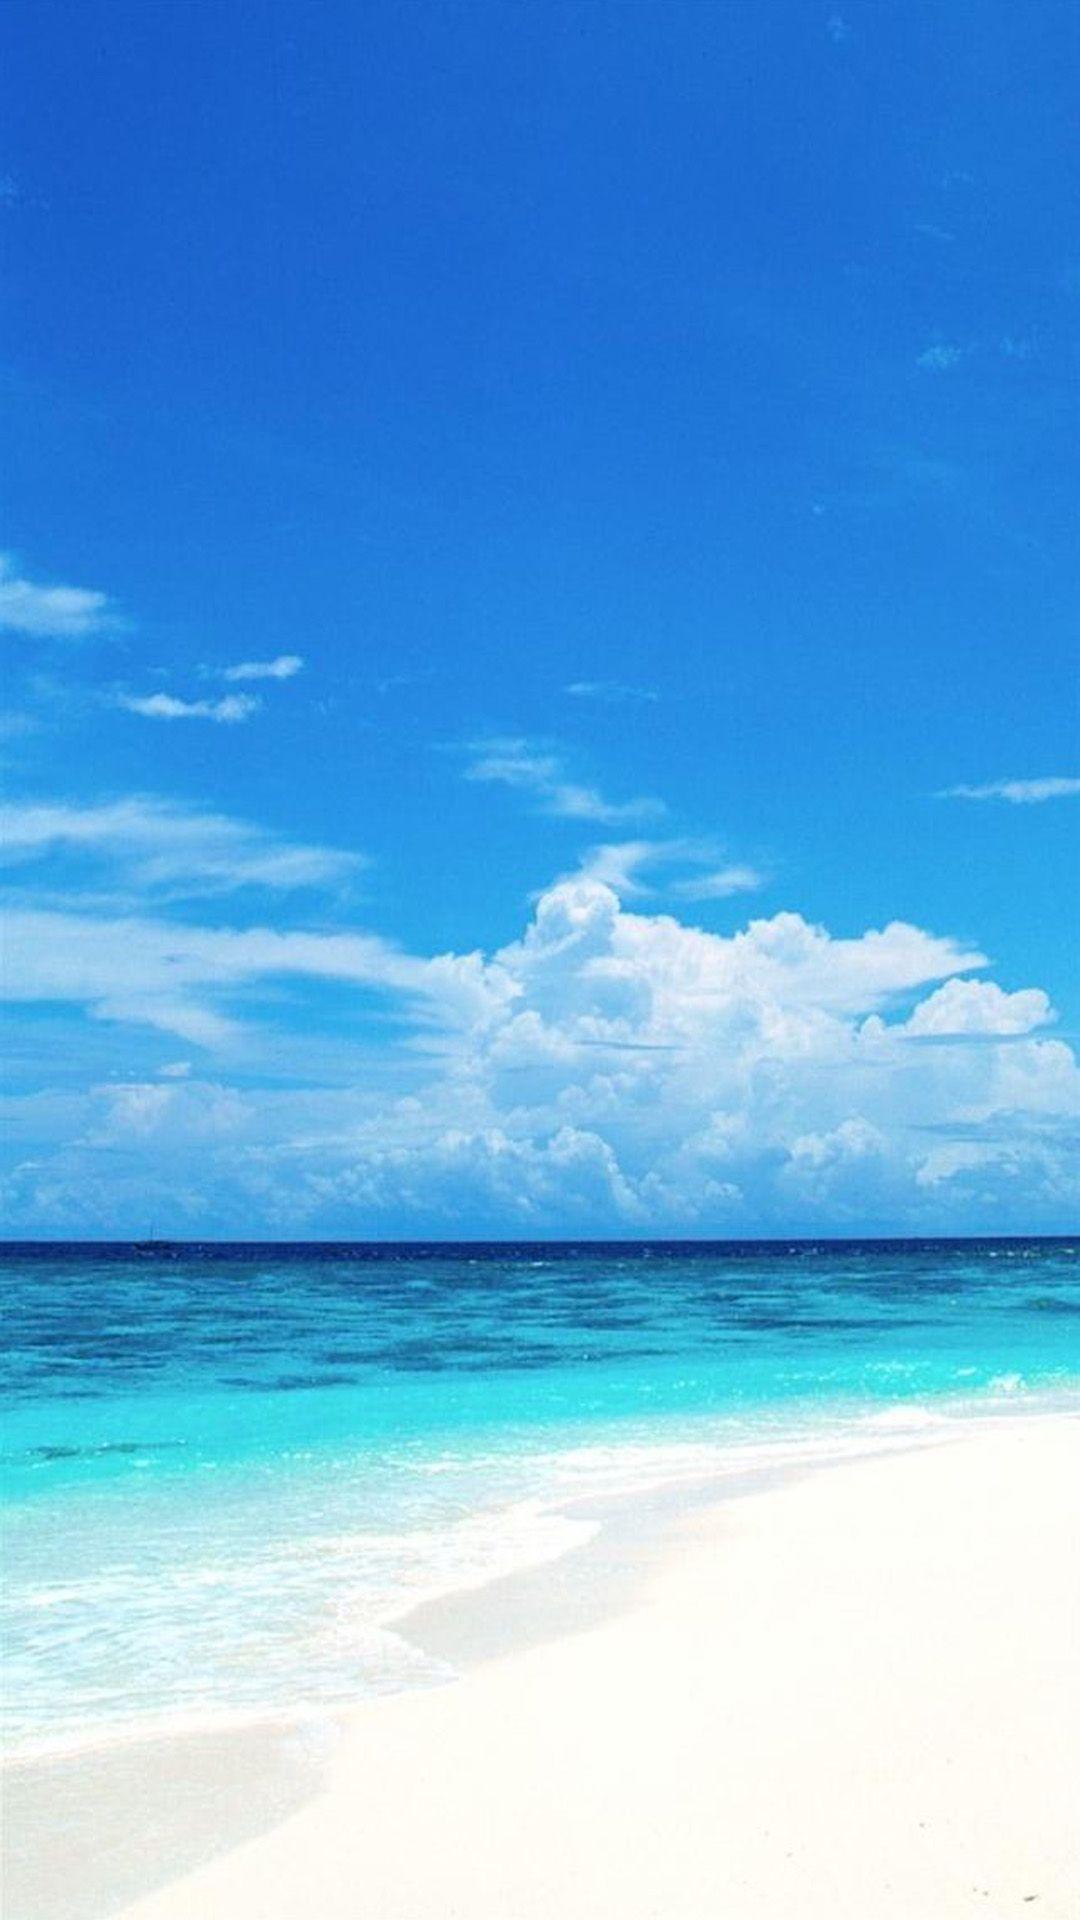 エメラルドグリーンのビーチ 夏っぽいiphone6壁紙 Iphone6s 6plus壁紙 待受画像ギャラリー 明るい壁紙 夏 風景 ハワイ 壁紙